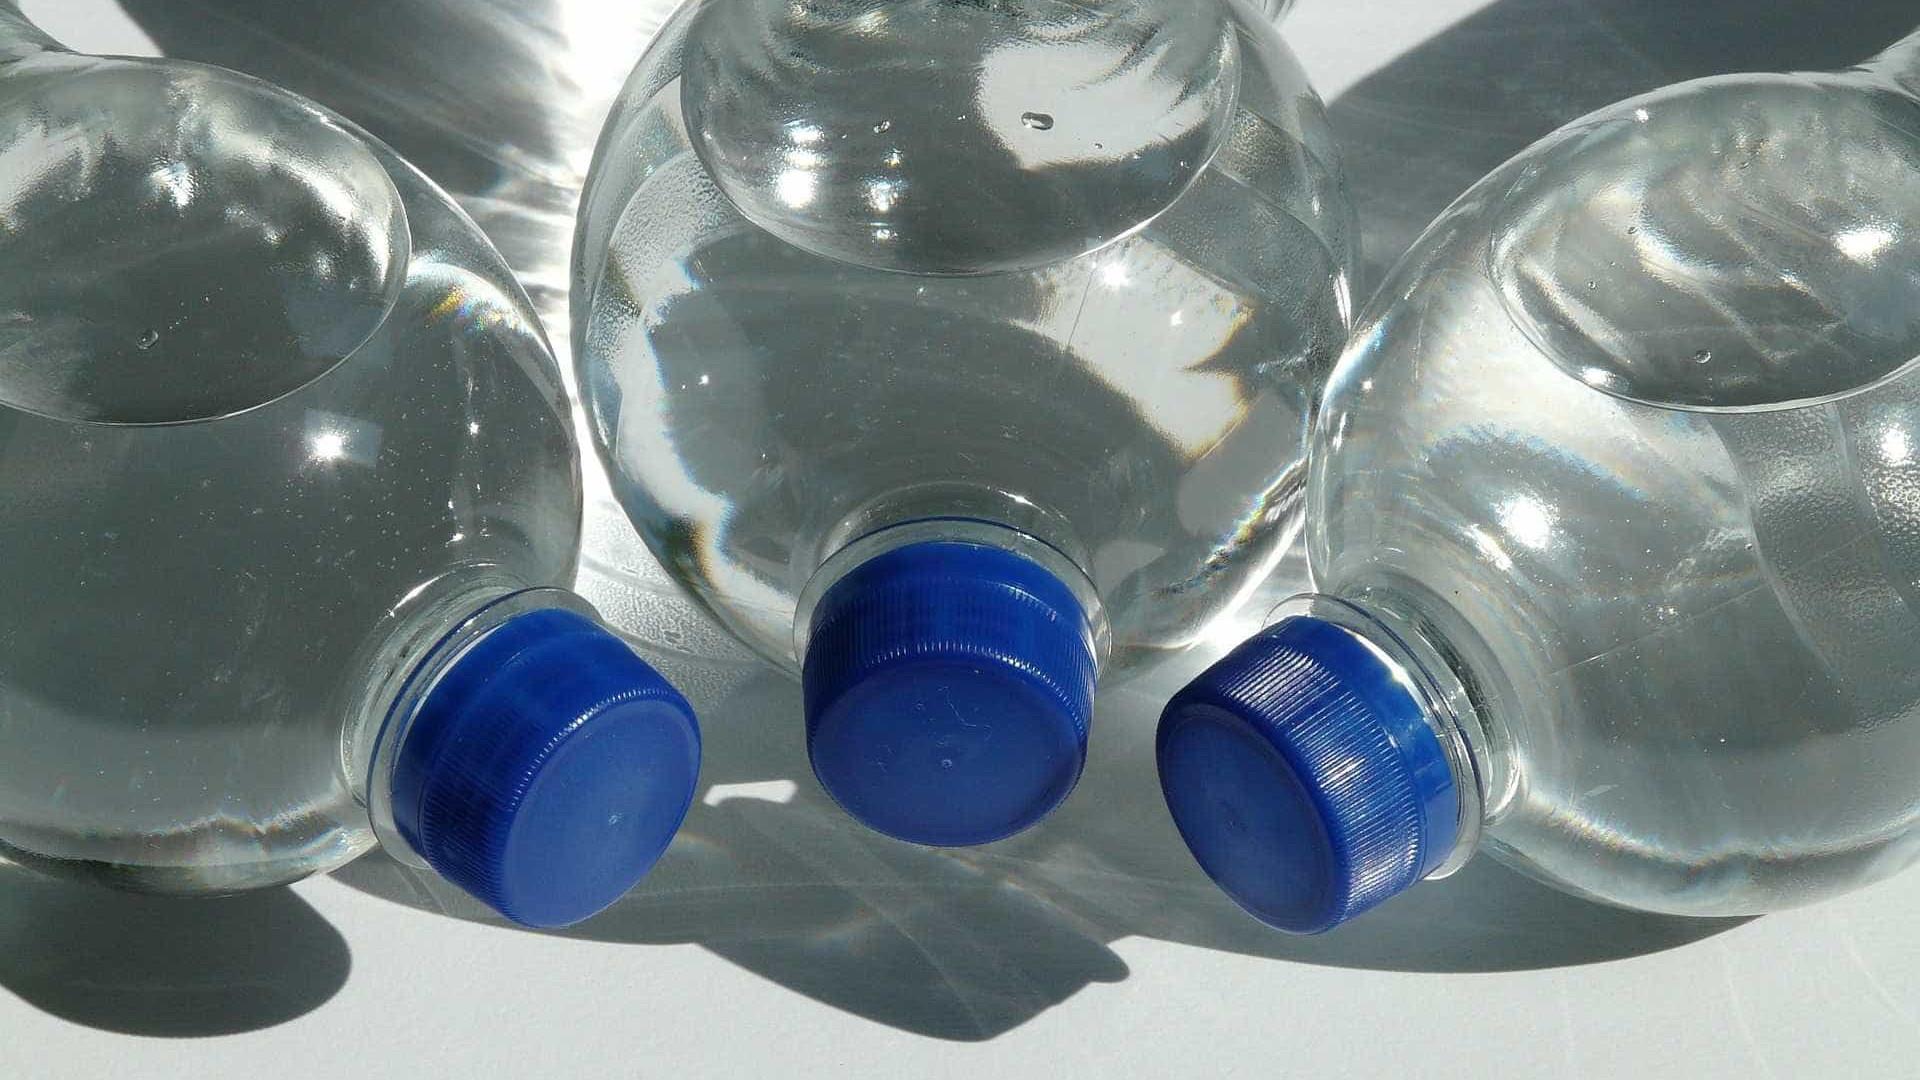 Cientistas criaram acidentalmente uma enzima mutante que come plástico